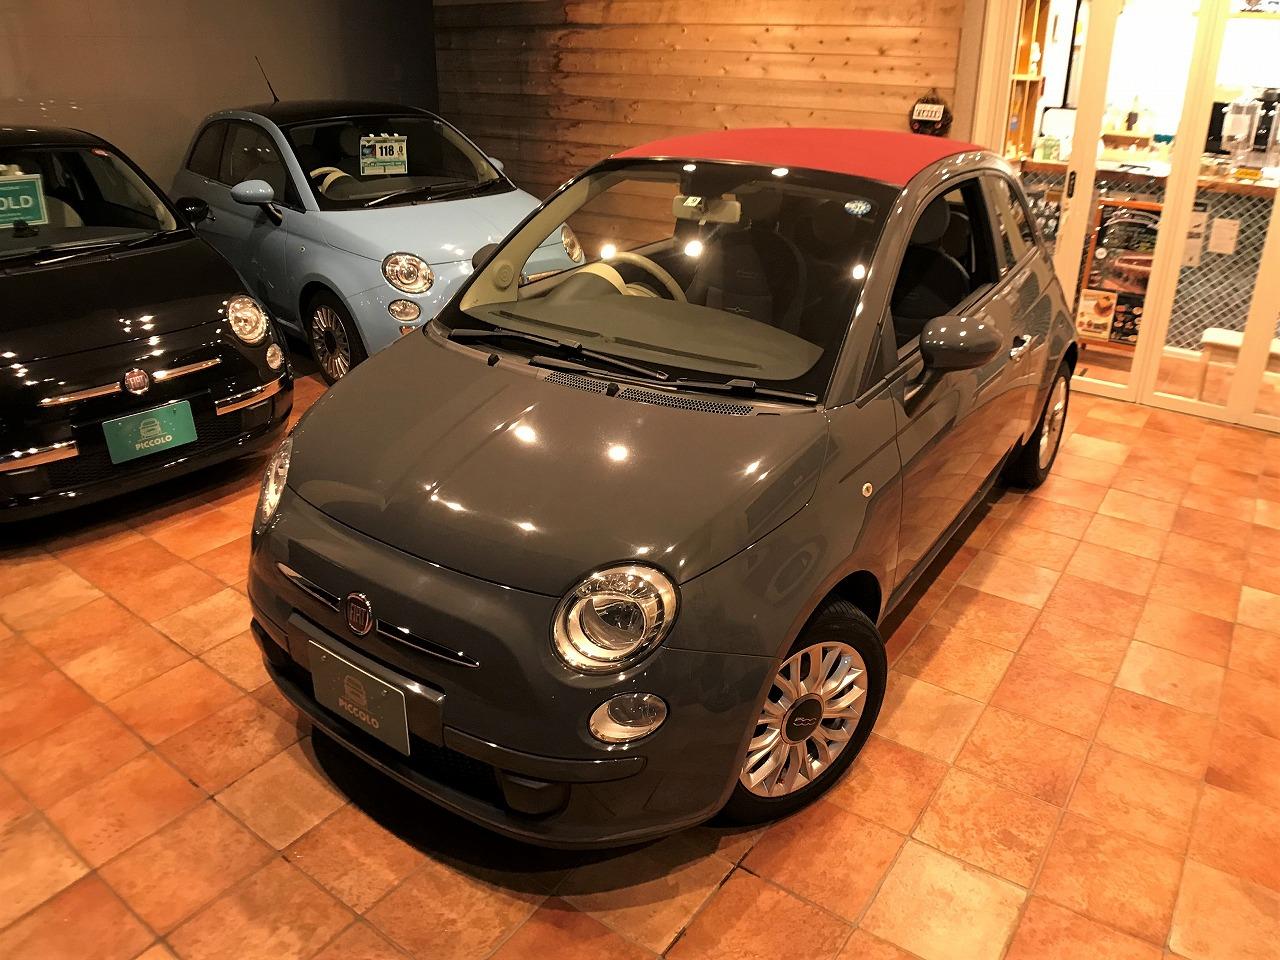 FIAT500C 1.2L Tetto Rosso(テットロッソ)